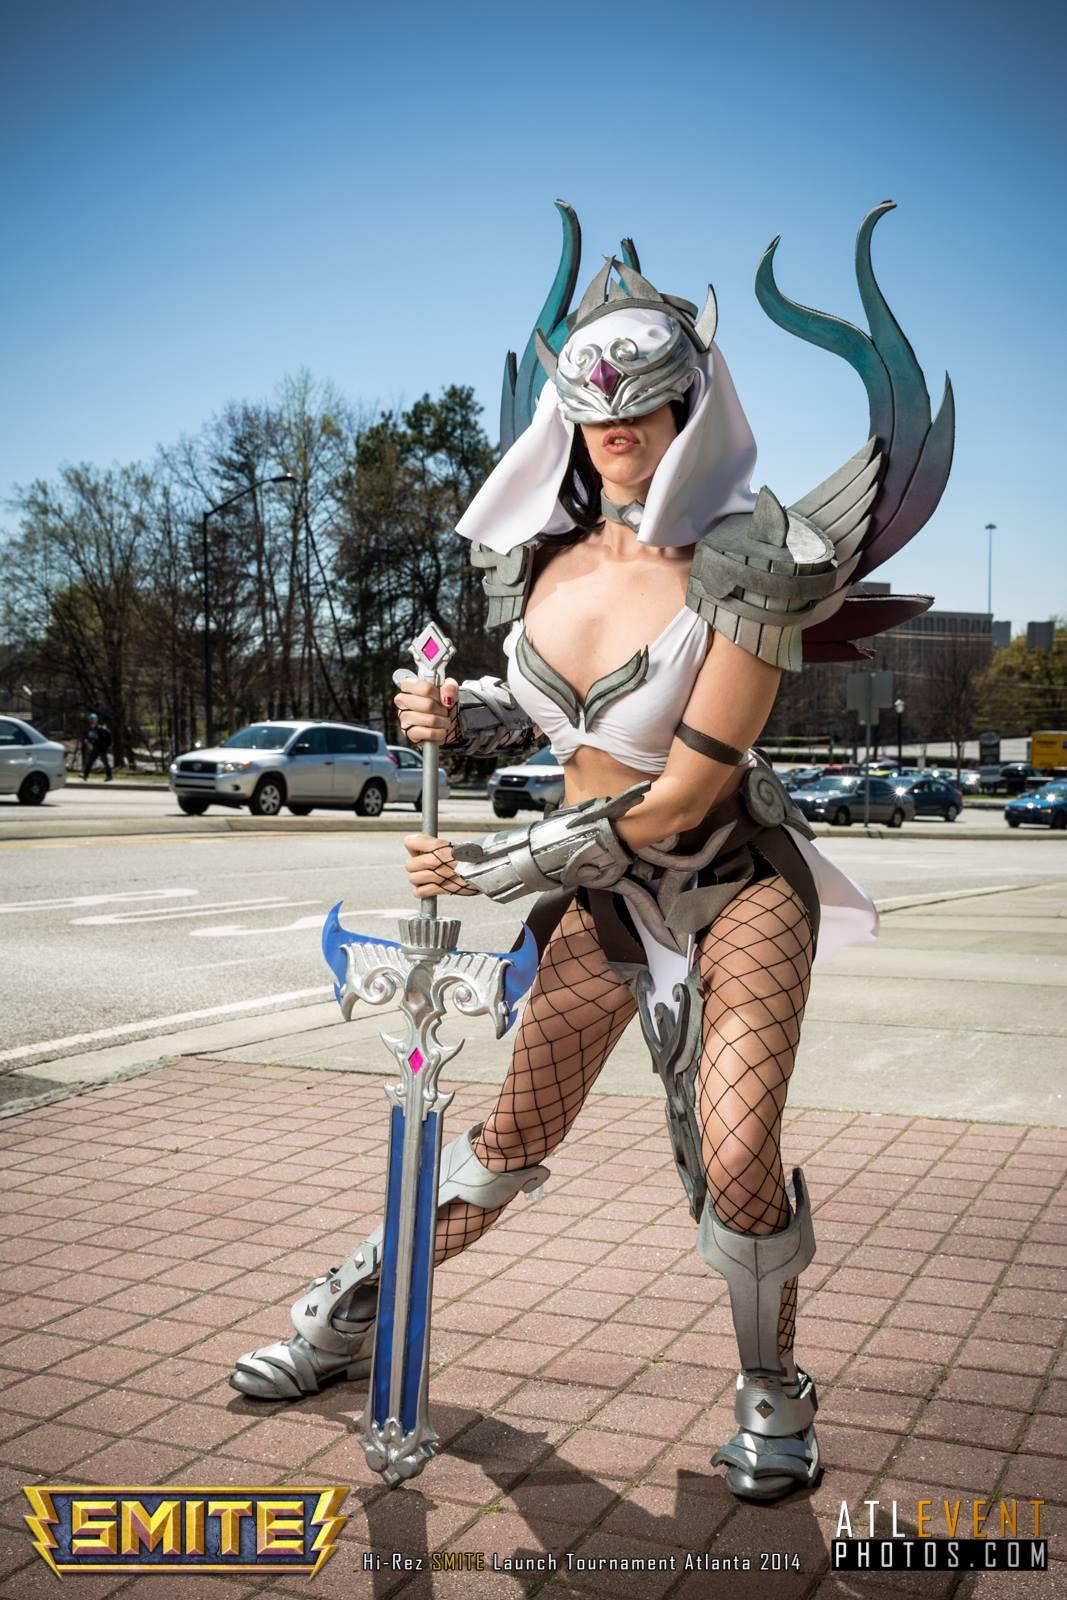 Ngắm cosplay tại SMITE Launch Tournament - Ảnh 66